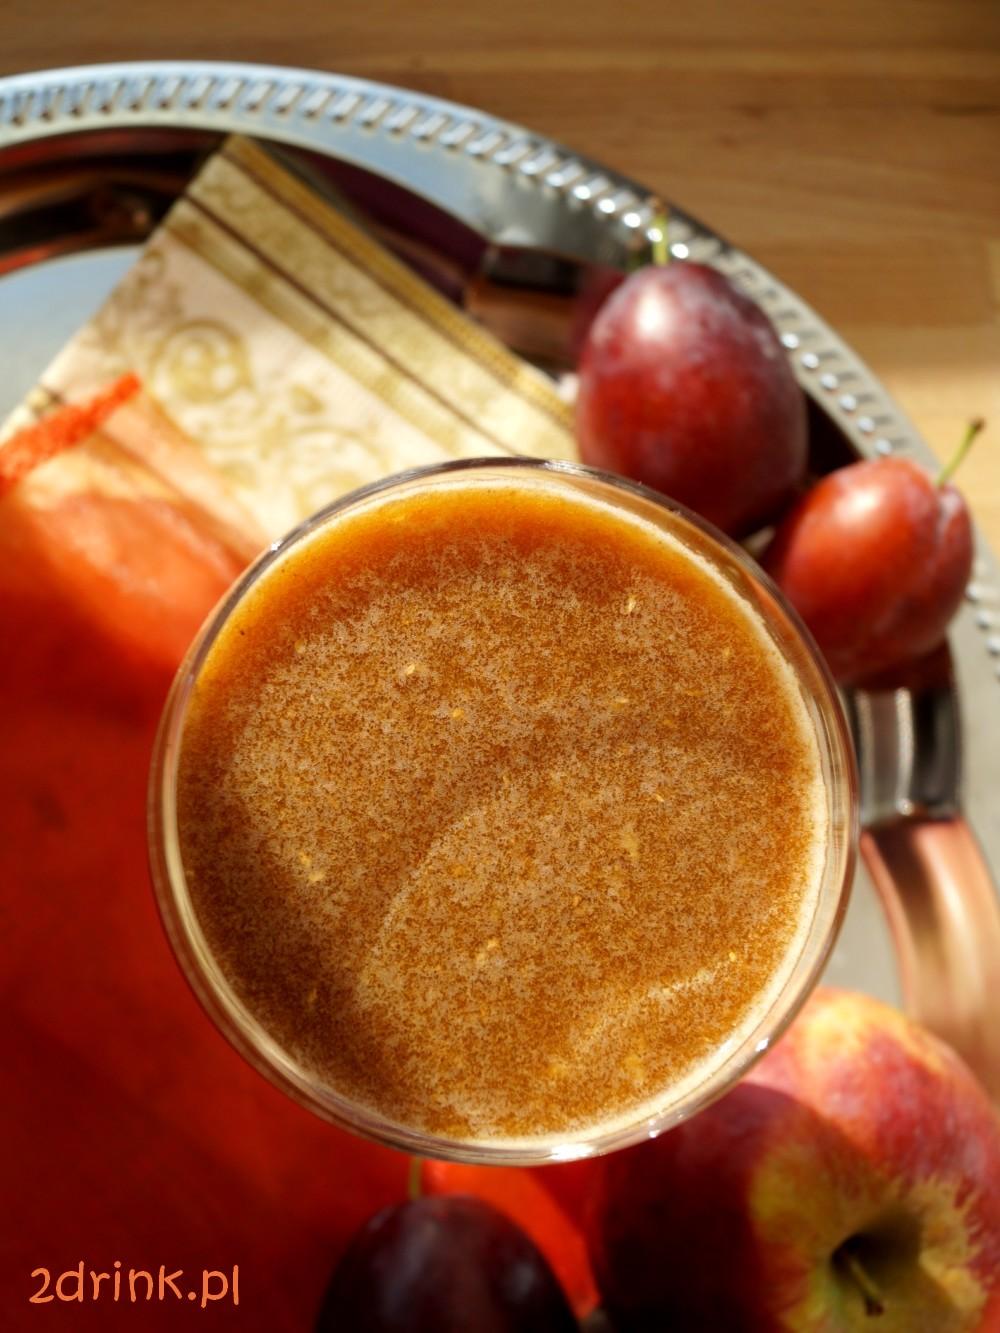 korzenny napoj ze sliwek i jablek2